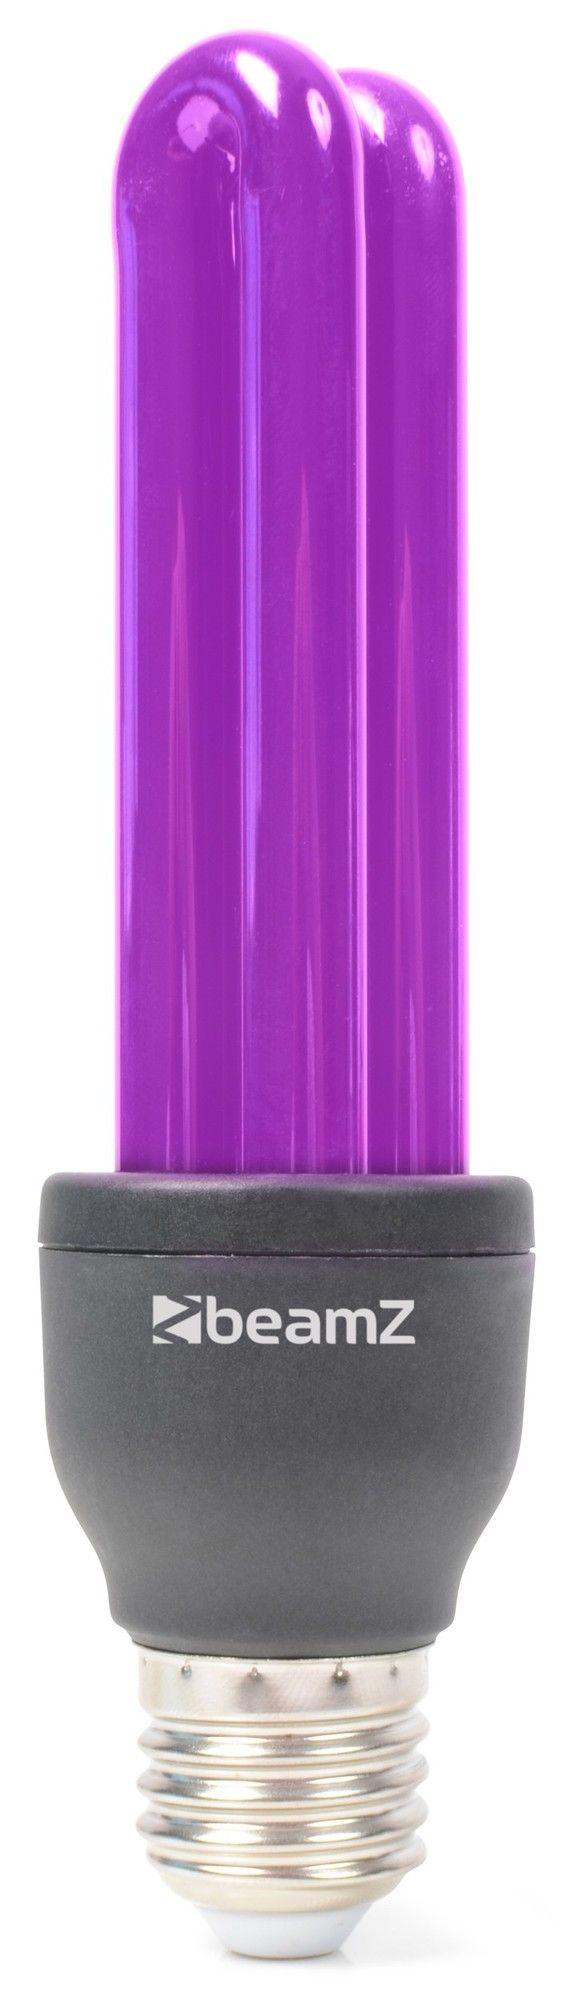 Afbeelding van BeamZ Blacklight UV Spaarlamp 25W met E27 fitting...